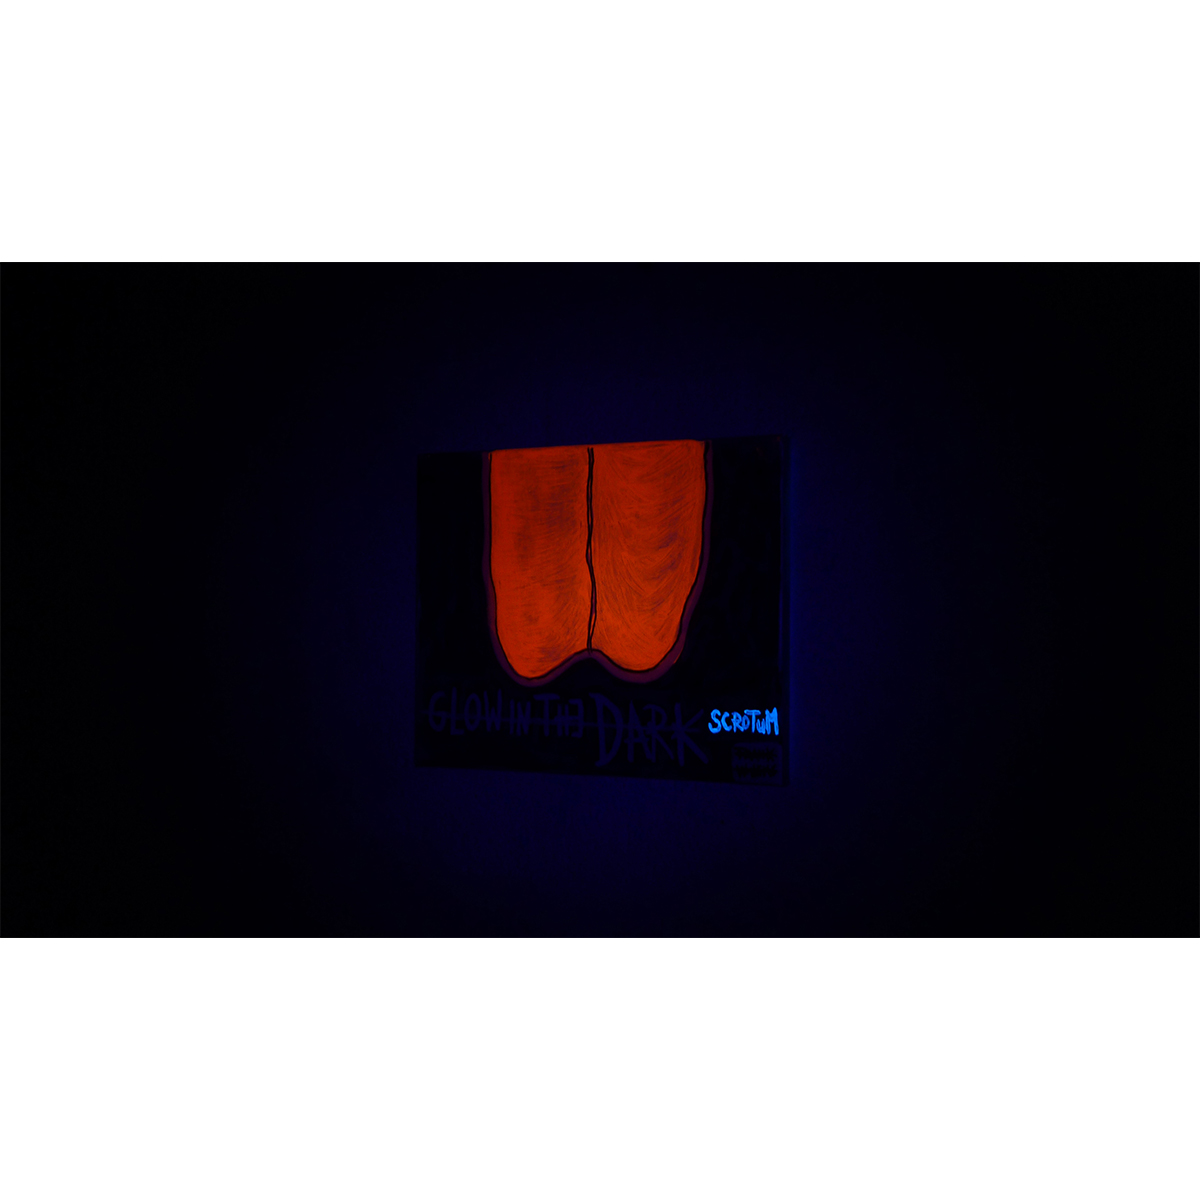 GLOW IN THE DARK SCROTUM (dark) 03 - Frank Willems